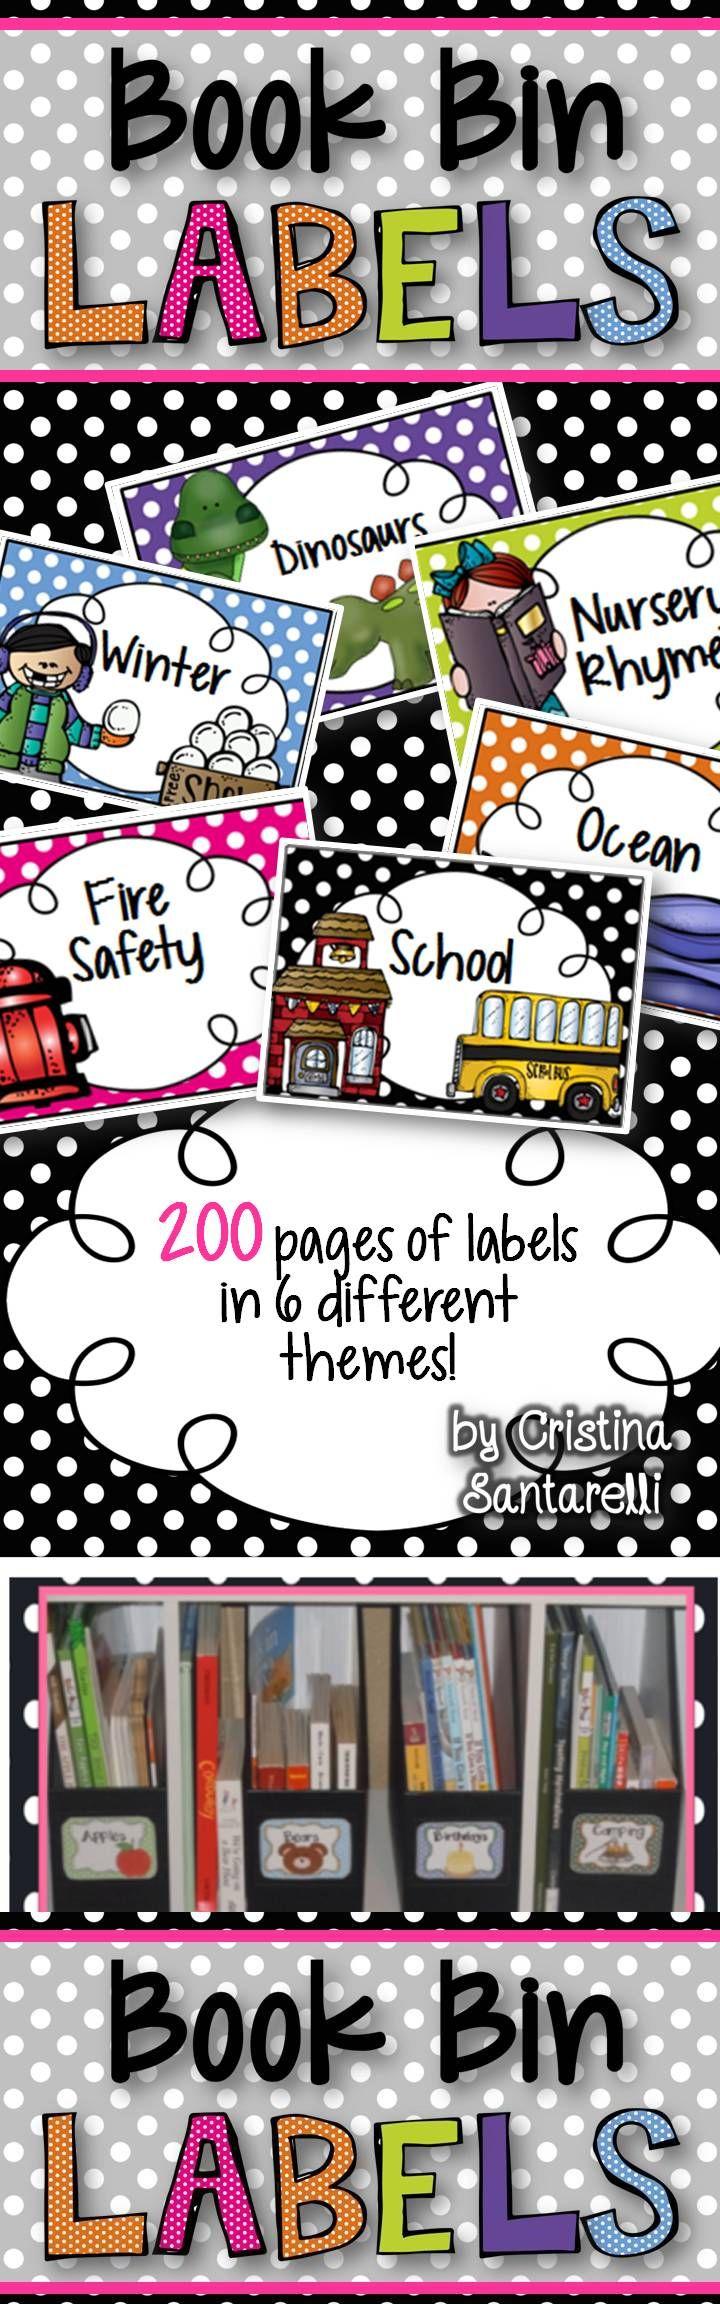 Book Bin Labels!